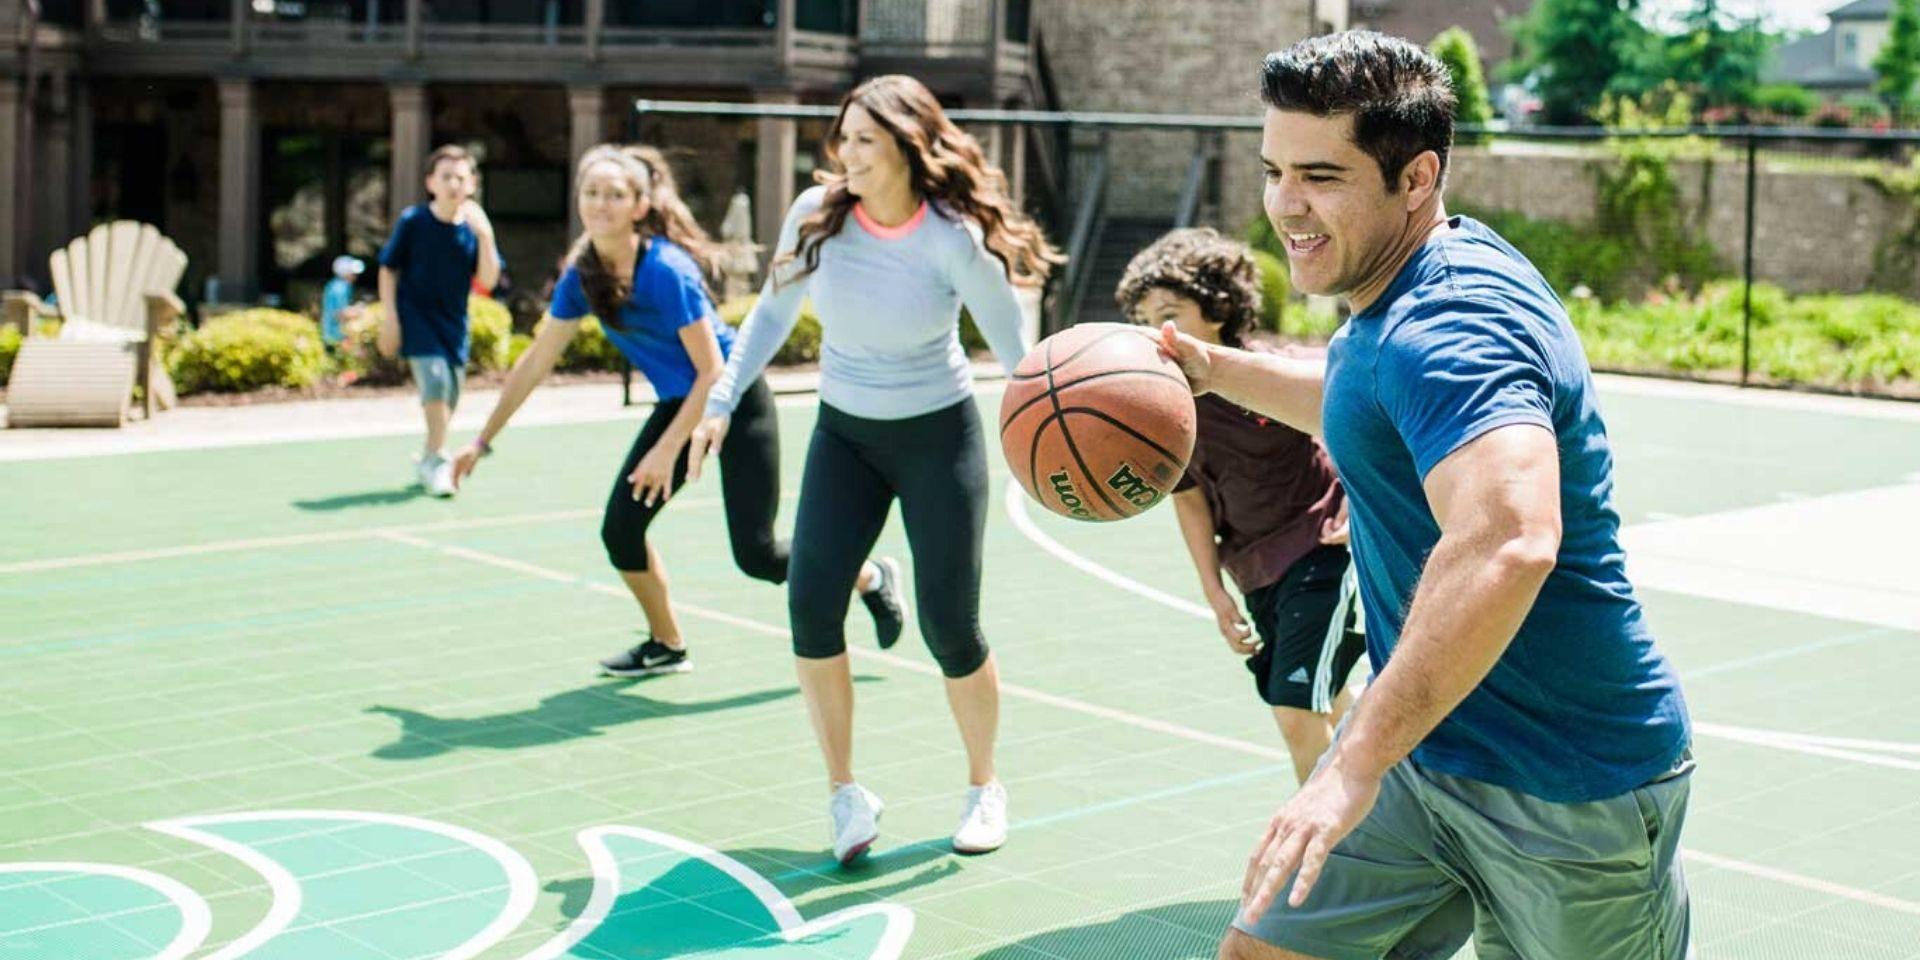 family-playing-basketball